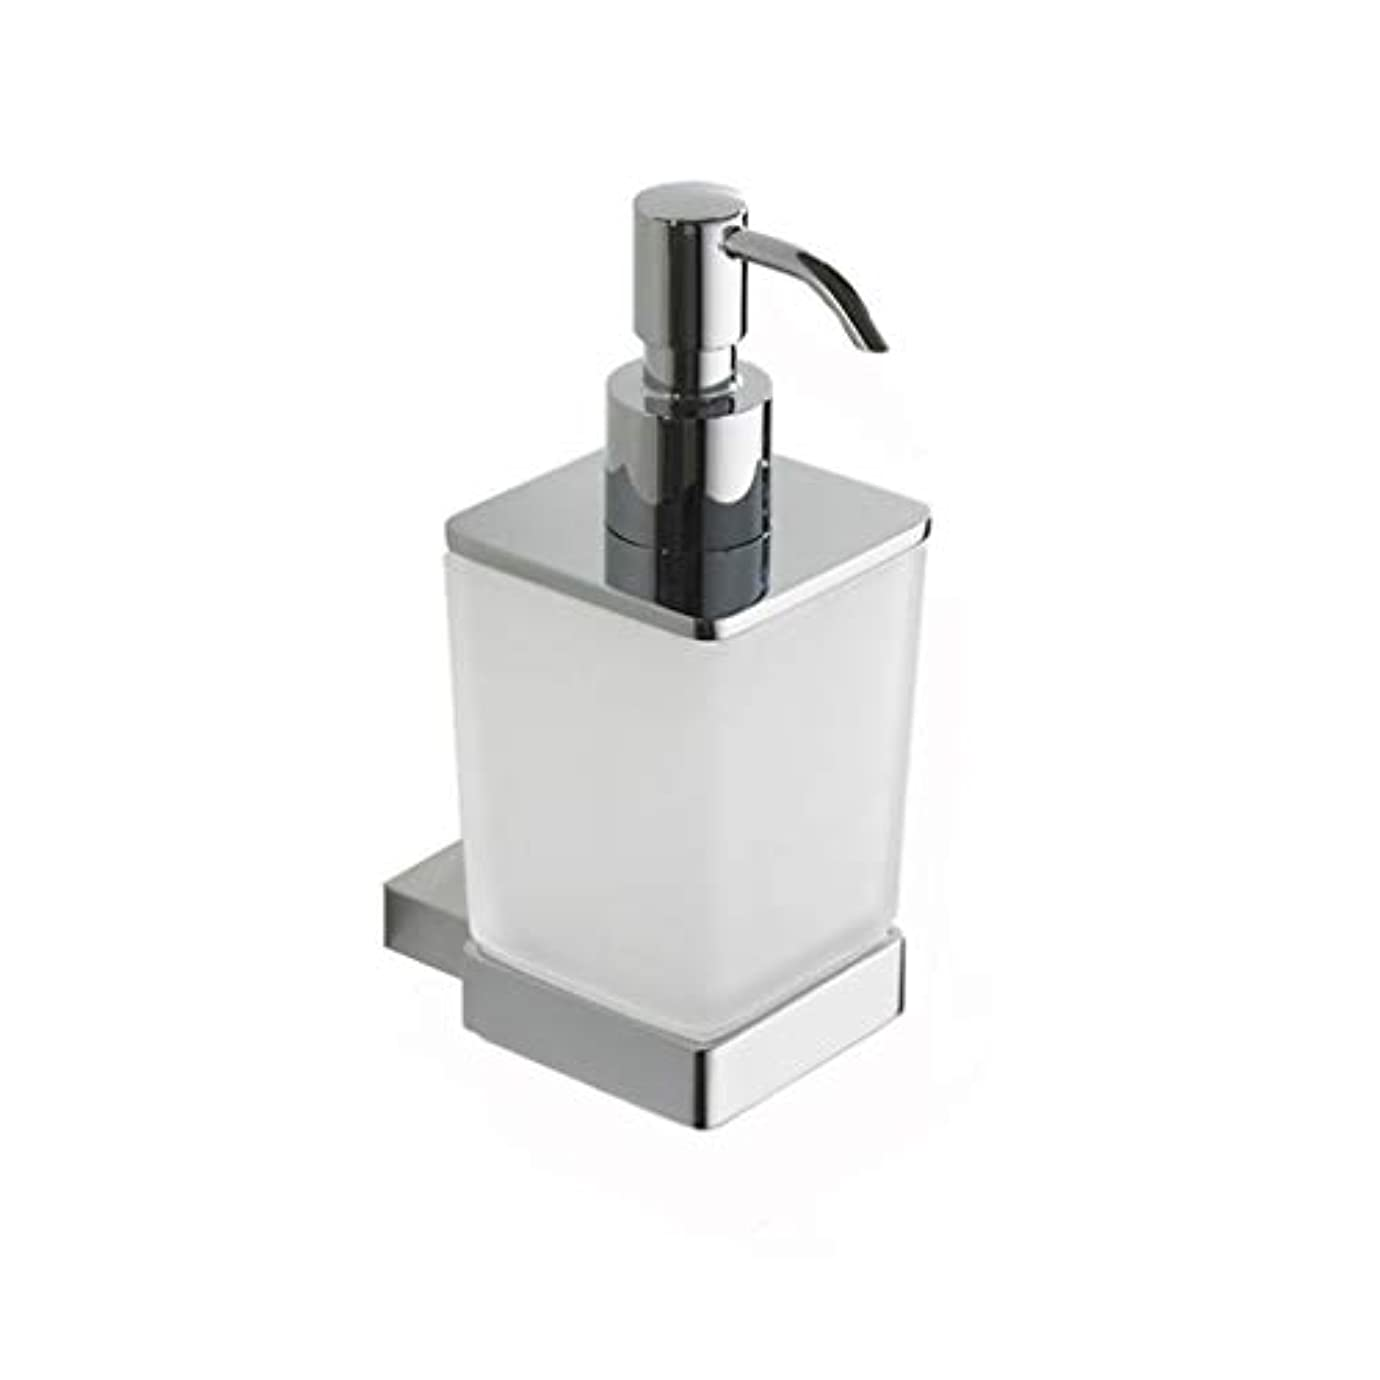 方程式追い越す憧れKylinssh 、浴室のための金属の詰め替え式液体手の石鹸ディスペンサーポンプボトル - 安い、ディスカウント価格また手の消毒剤及び精油のために使用することができます